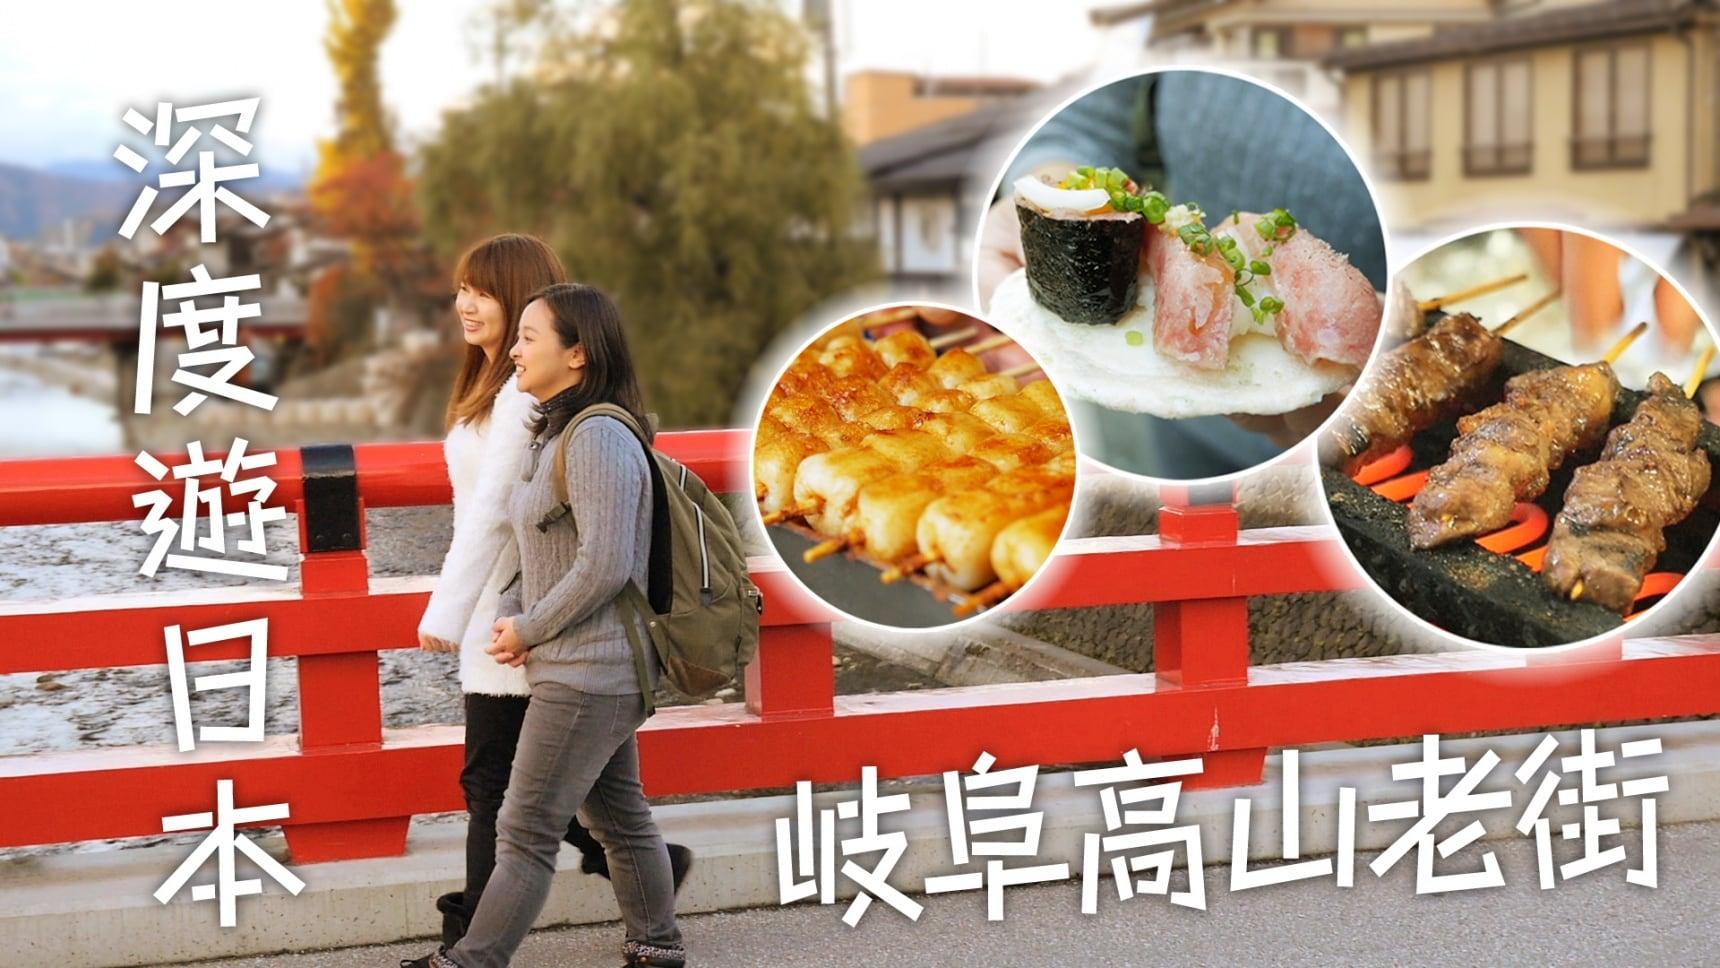 深度遊日本 | 岐阜高山老街的在地美食